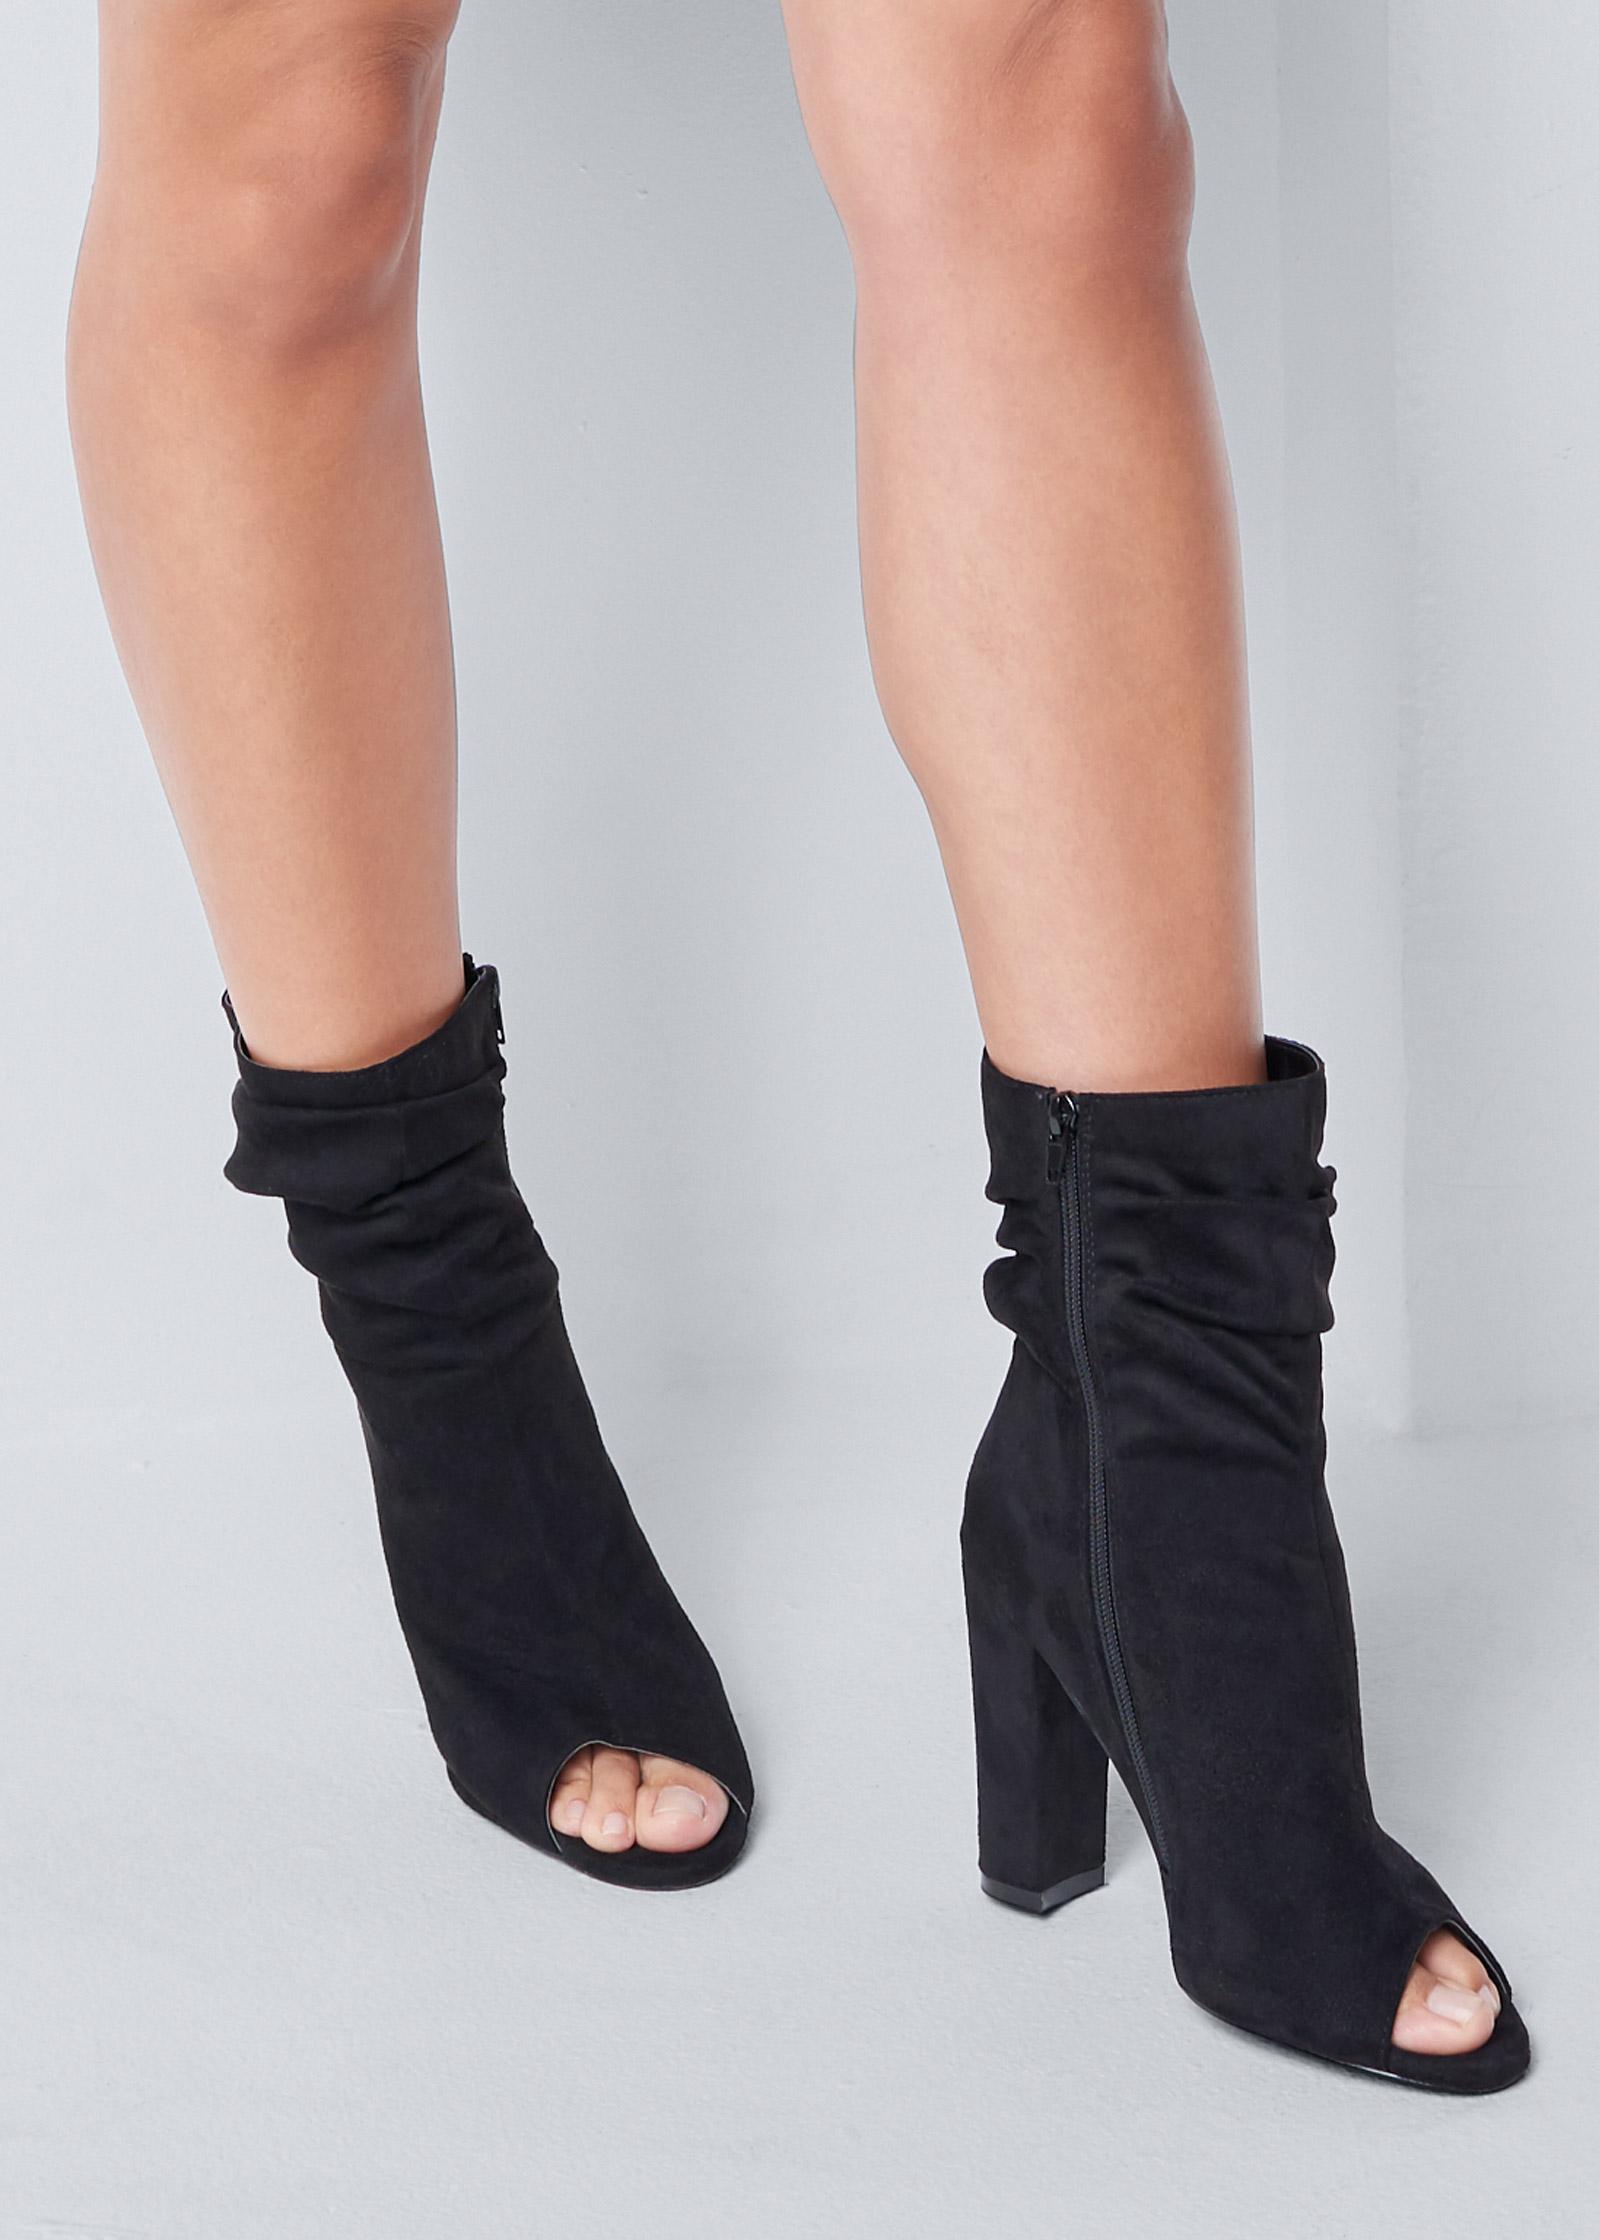 Peep Toe Booties in Black | VENUS